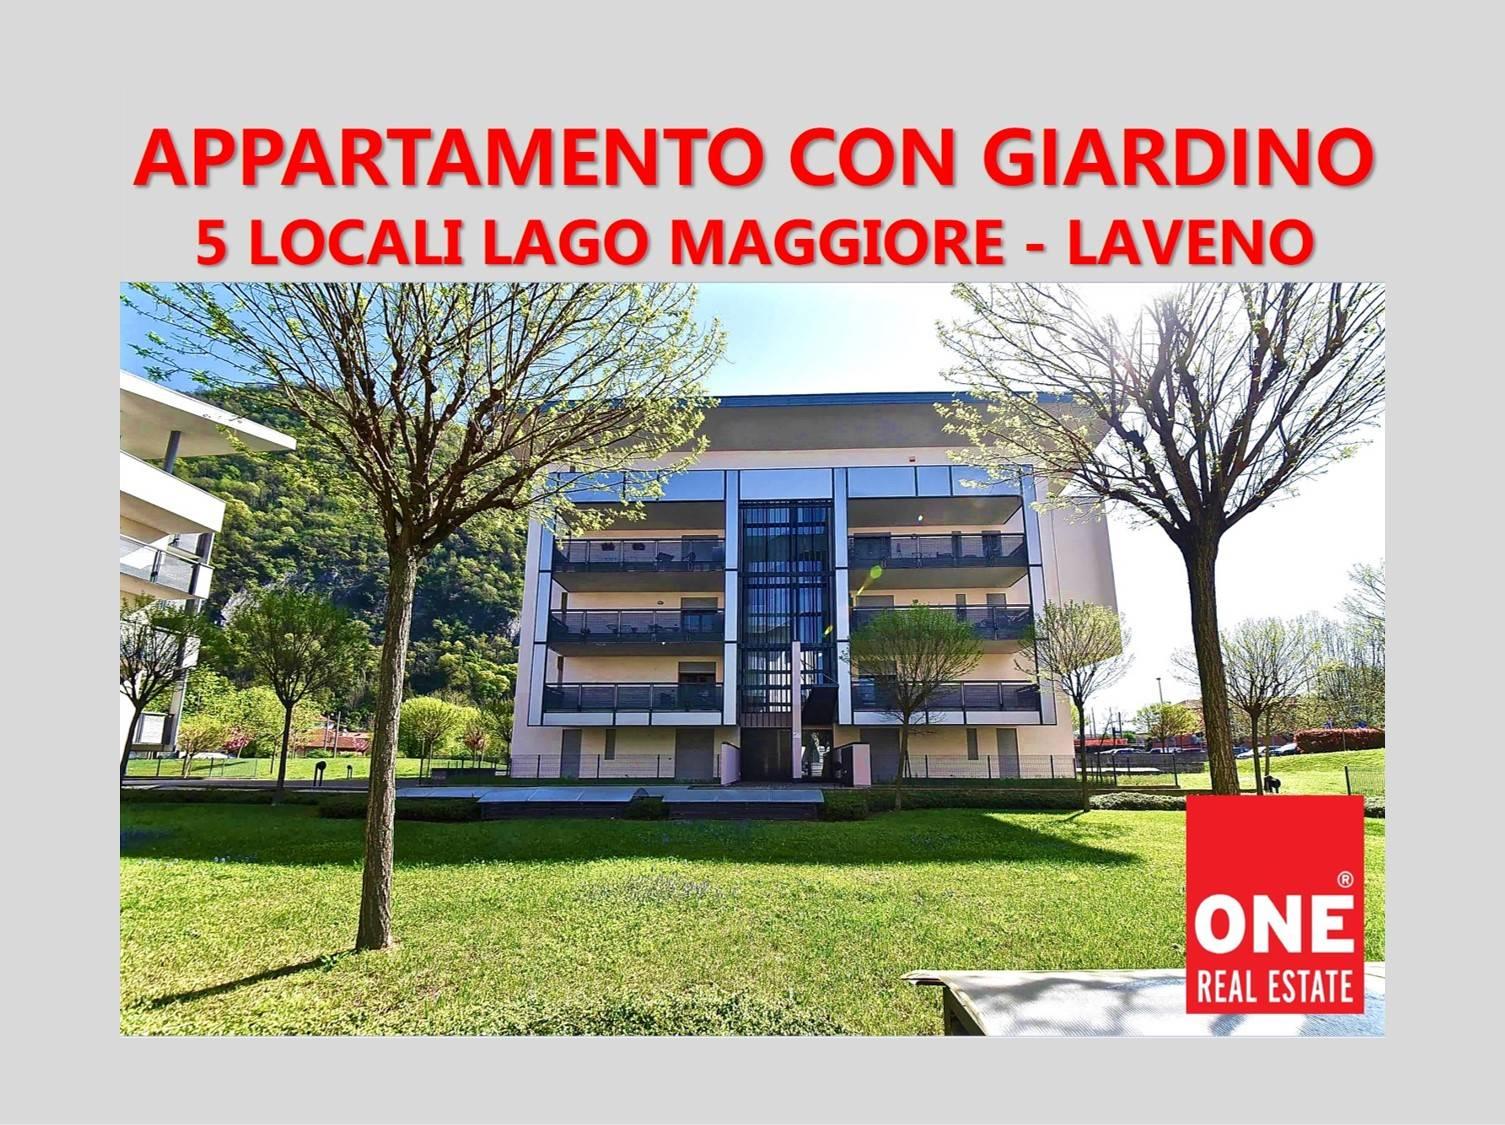 Appartamento in vendita a Laveno-Mombello, 5 locali, zona Località: LAVENO, prezzo € 380.000 | PortaleAgenzieImmobiliari.it